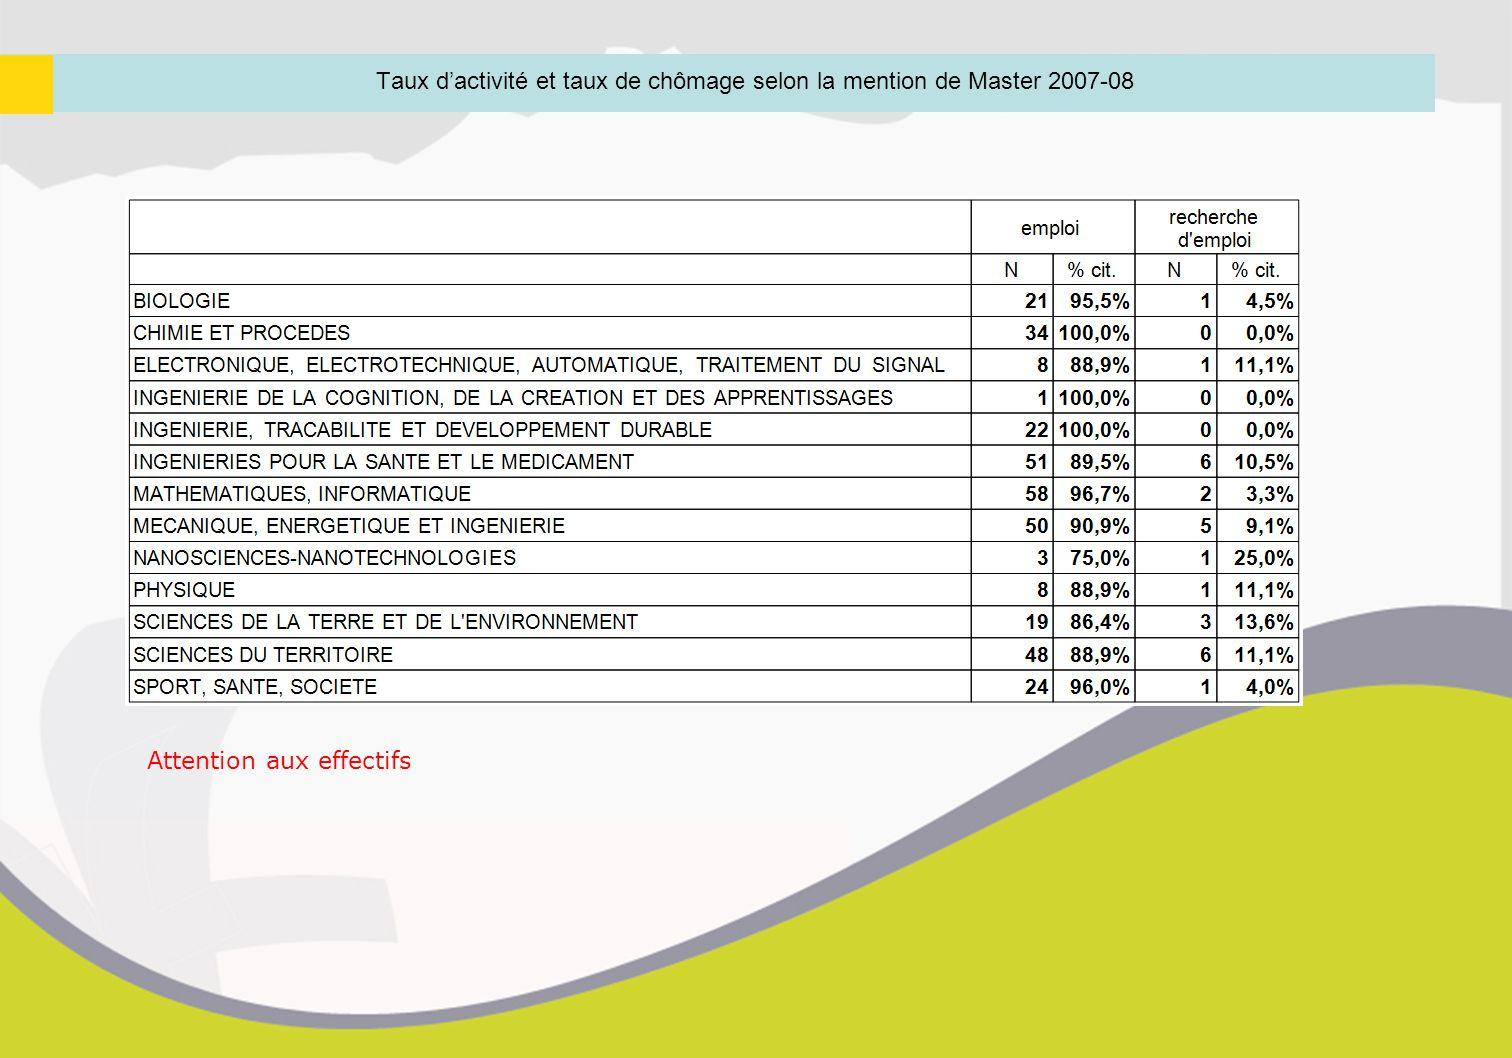 Taux d'activité et taux de chômage selon la mention de Master 2007-08 Attention aux effectifs